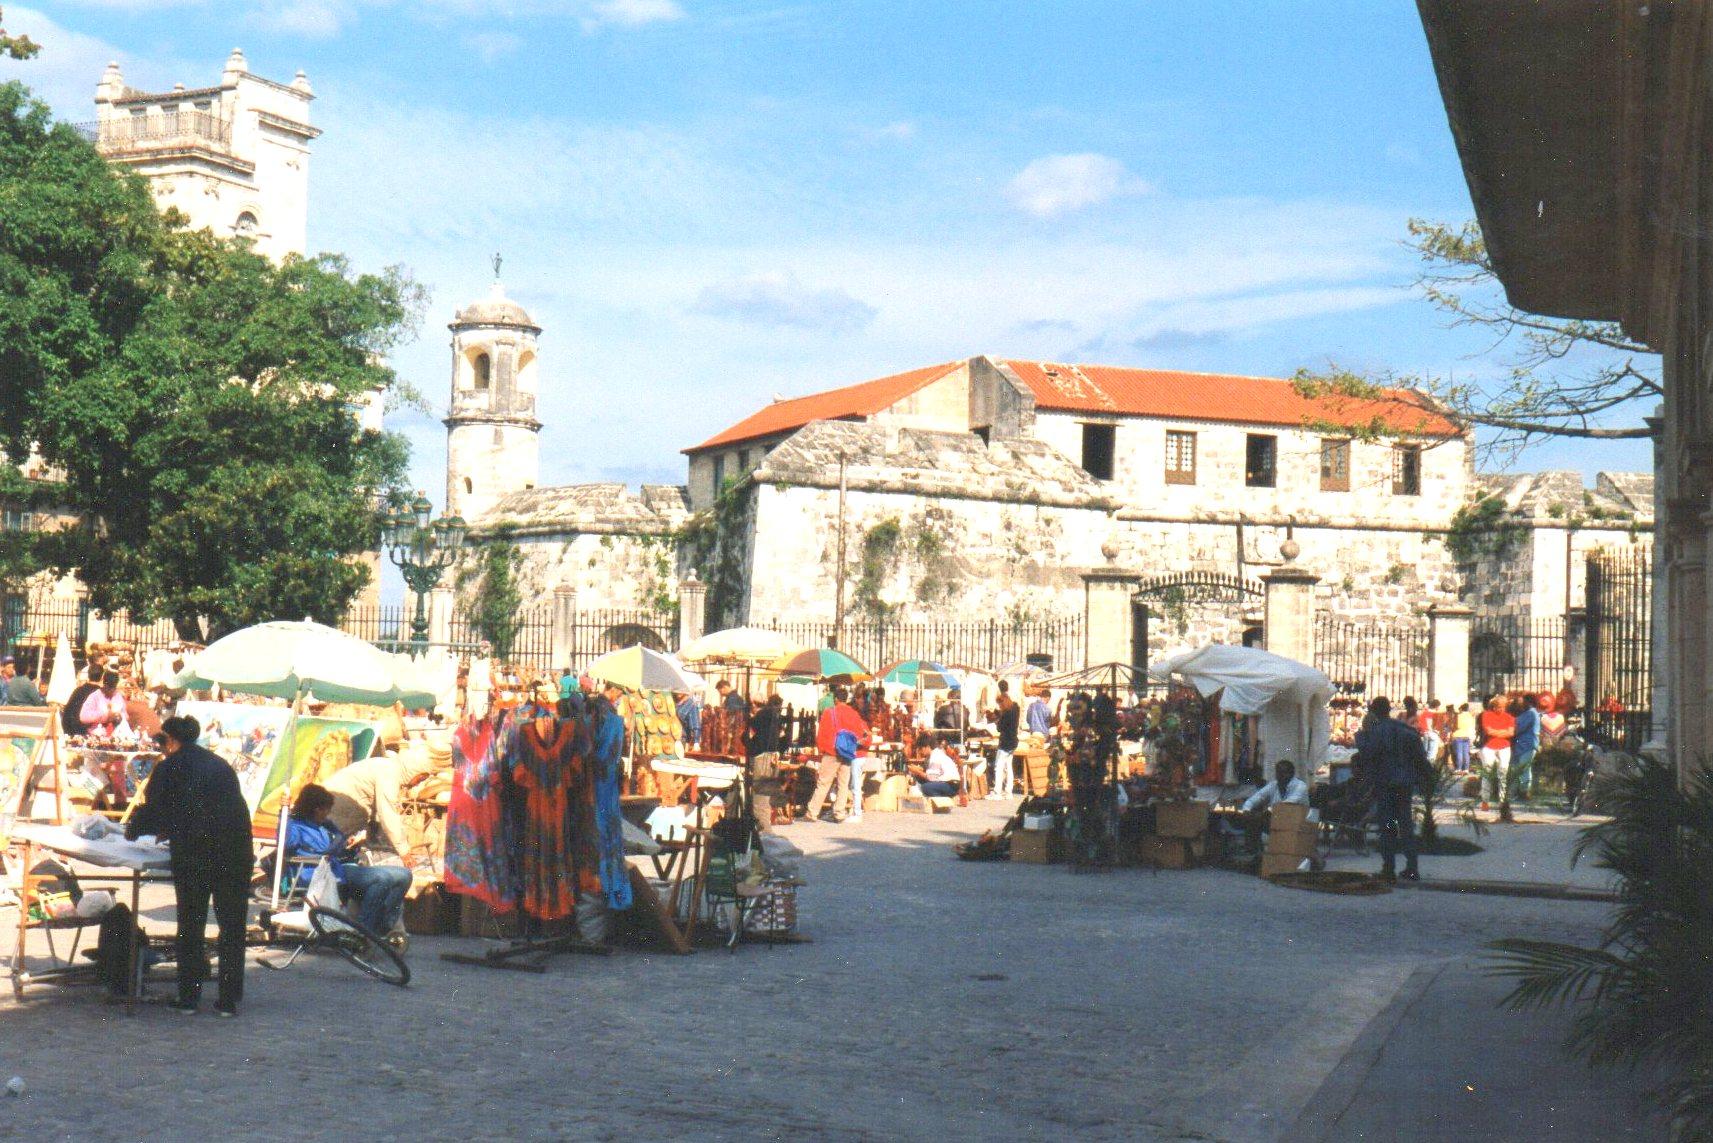 Privat marked på Plaza de Armas i Havana. I baggrunden Castillo de la Real Fuerza bygget 1538 - 77. Det var på dette marked jeg løb på en stadeholde, der talte et sprog, jeg også forstod, og som mellem linjerne gav mig noget viden om forholdene på Cuba på den tid.